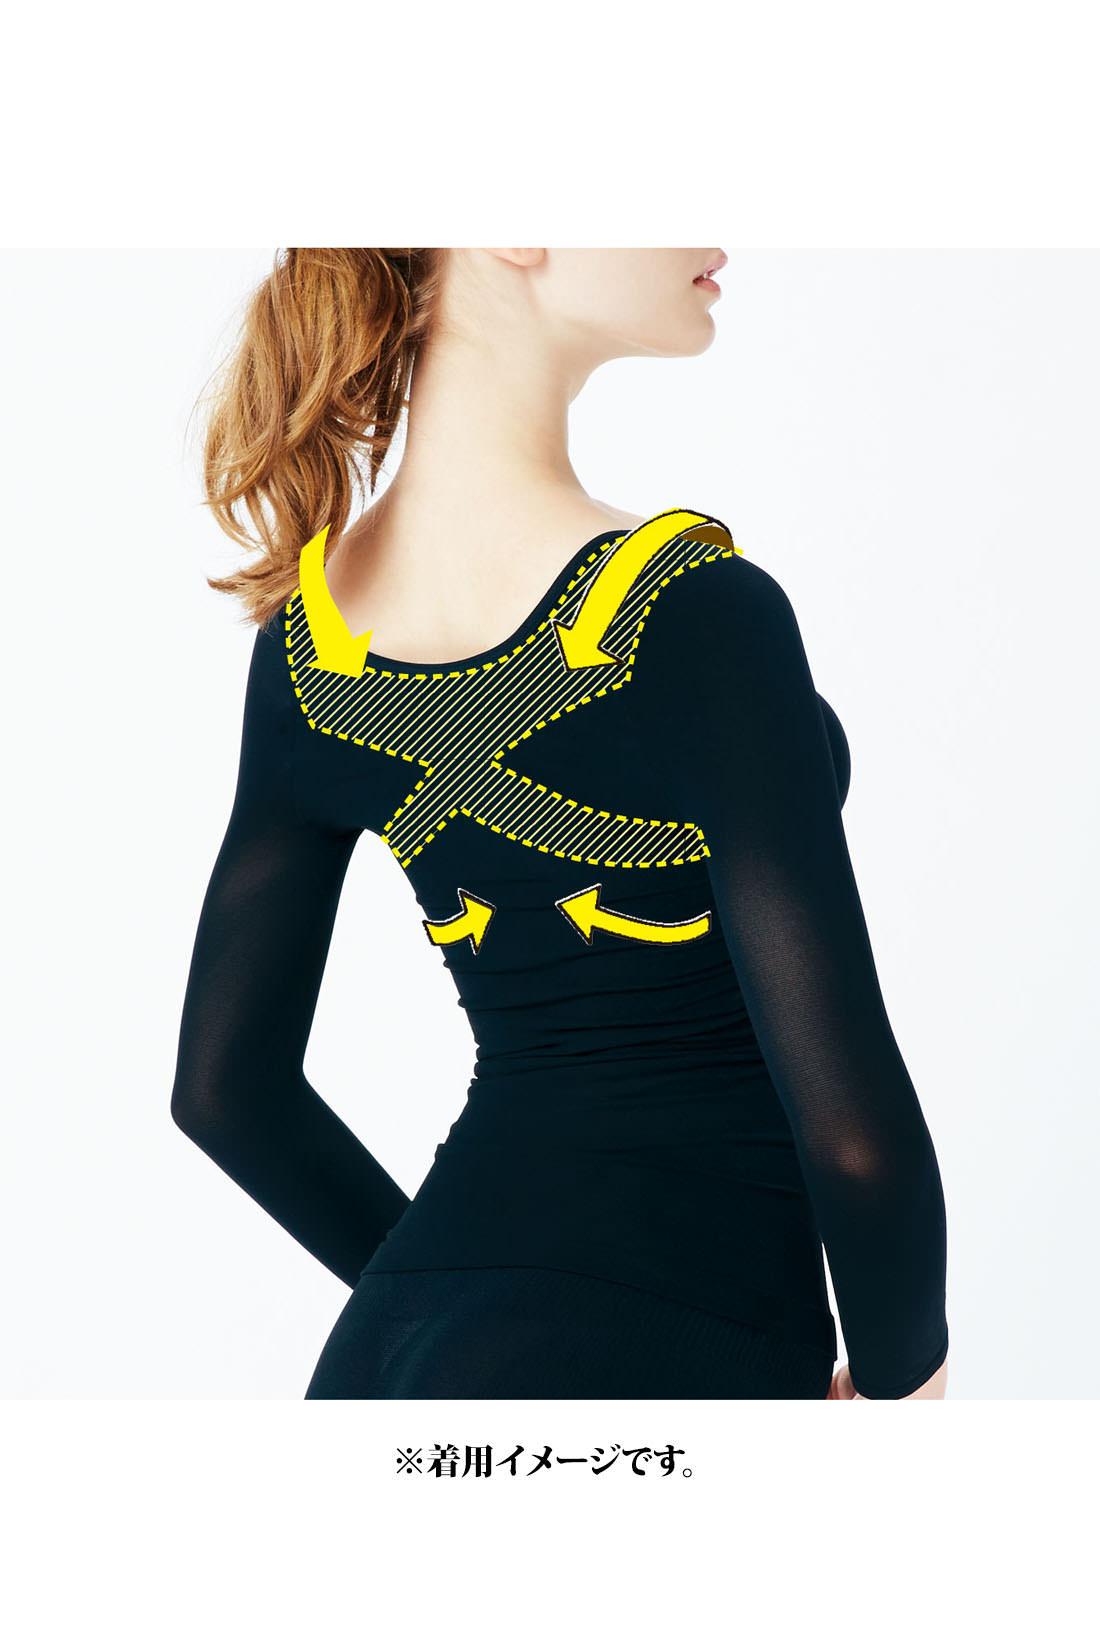 これは参考画像です。【背面】編み地を変えたクロス仕様で肩甲骨を前からキュッと引き寄せ、美姿勢をサポート。